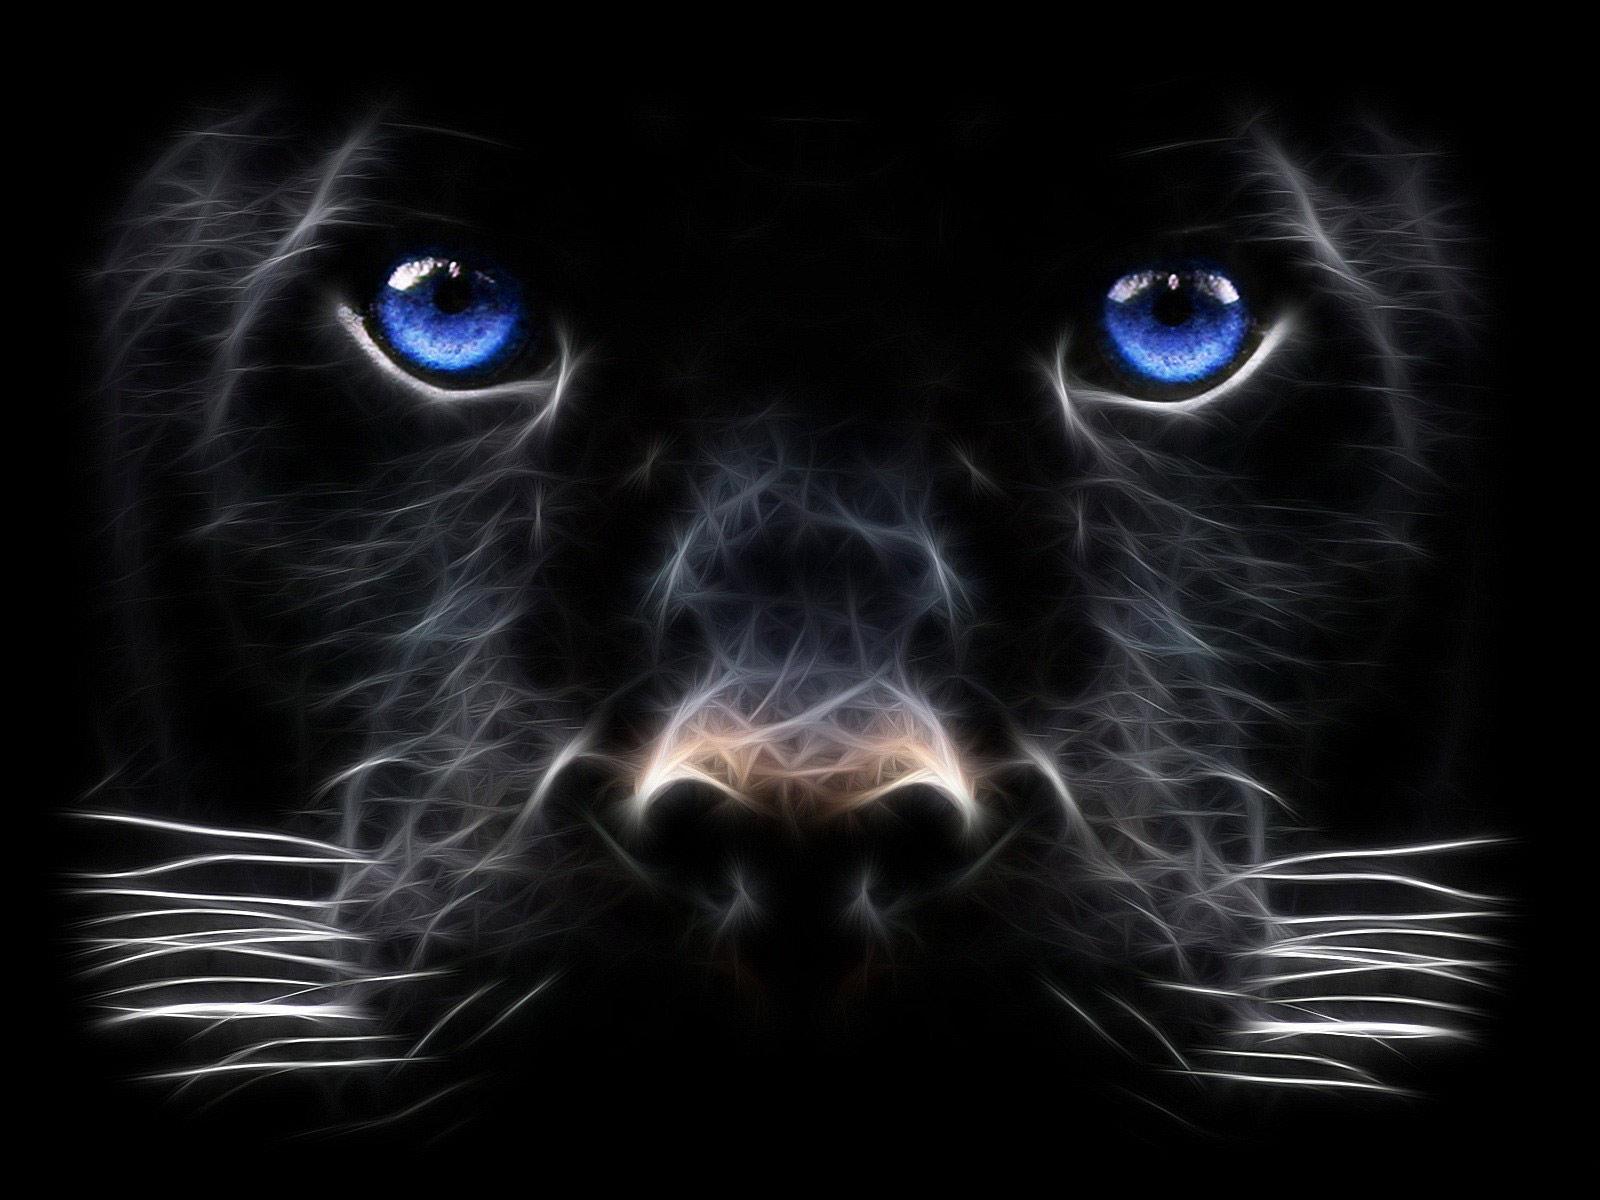 http://3.bp.blogspot.com/_R_GuOlmaOKA/TJKOAcZVToI/AAAAAAAAARg/QtIlUT-rZRs/s1600/Backgrounds_Windows_7_-_Black_Panther,_Big_cat.jpg